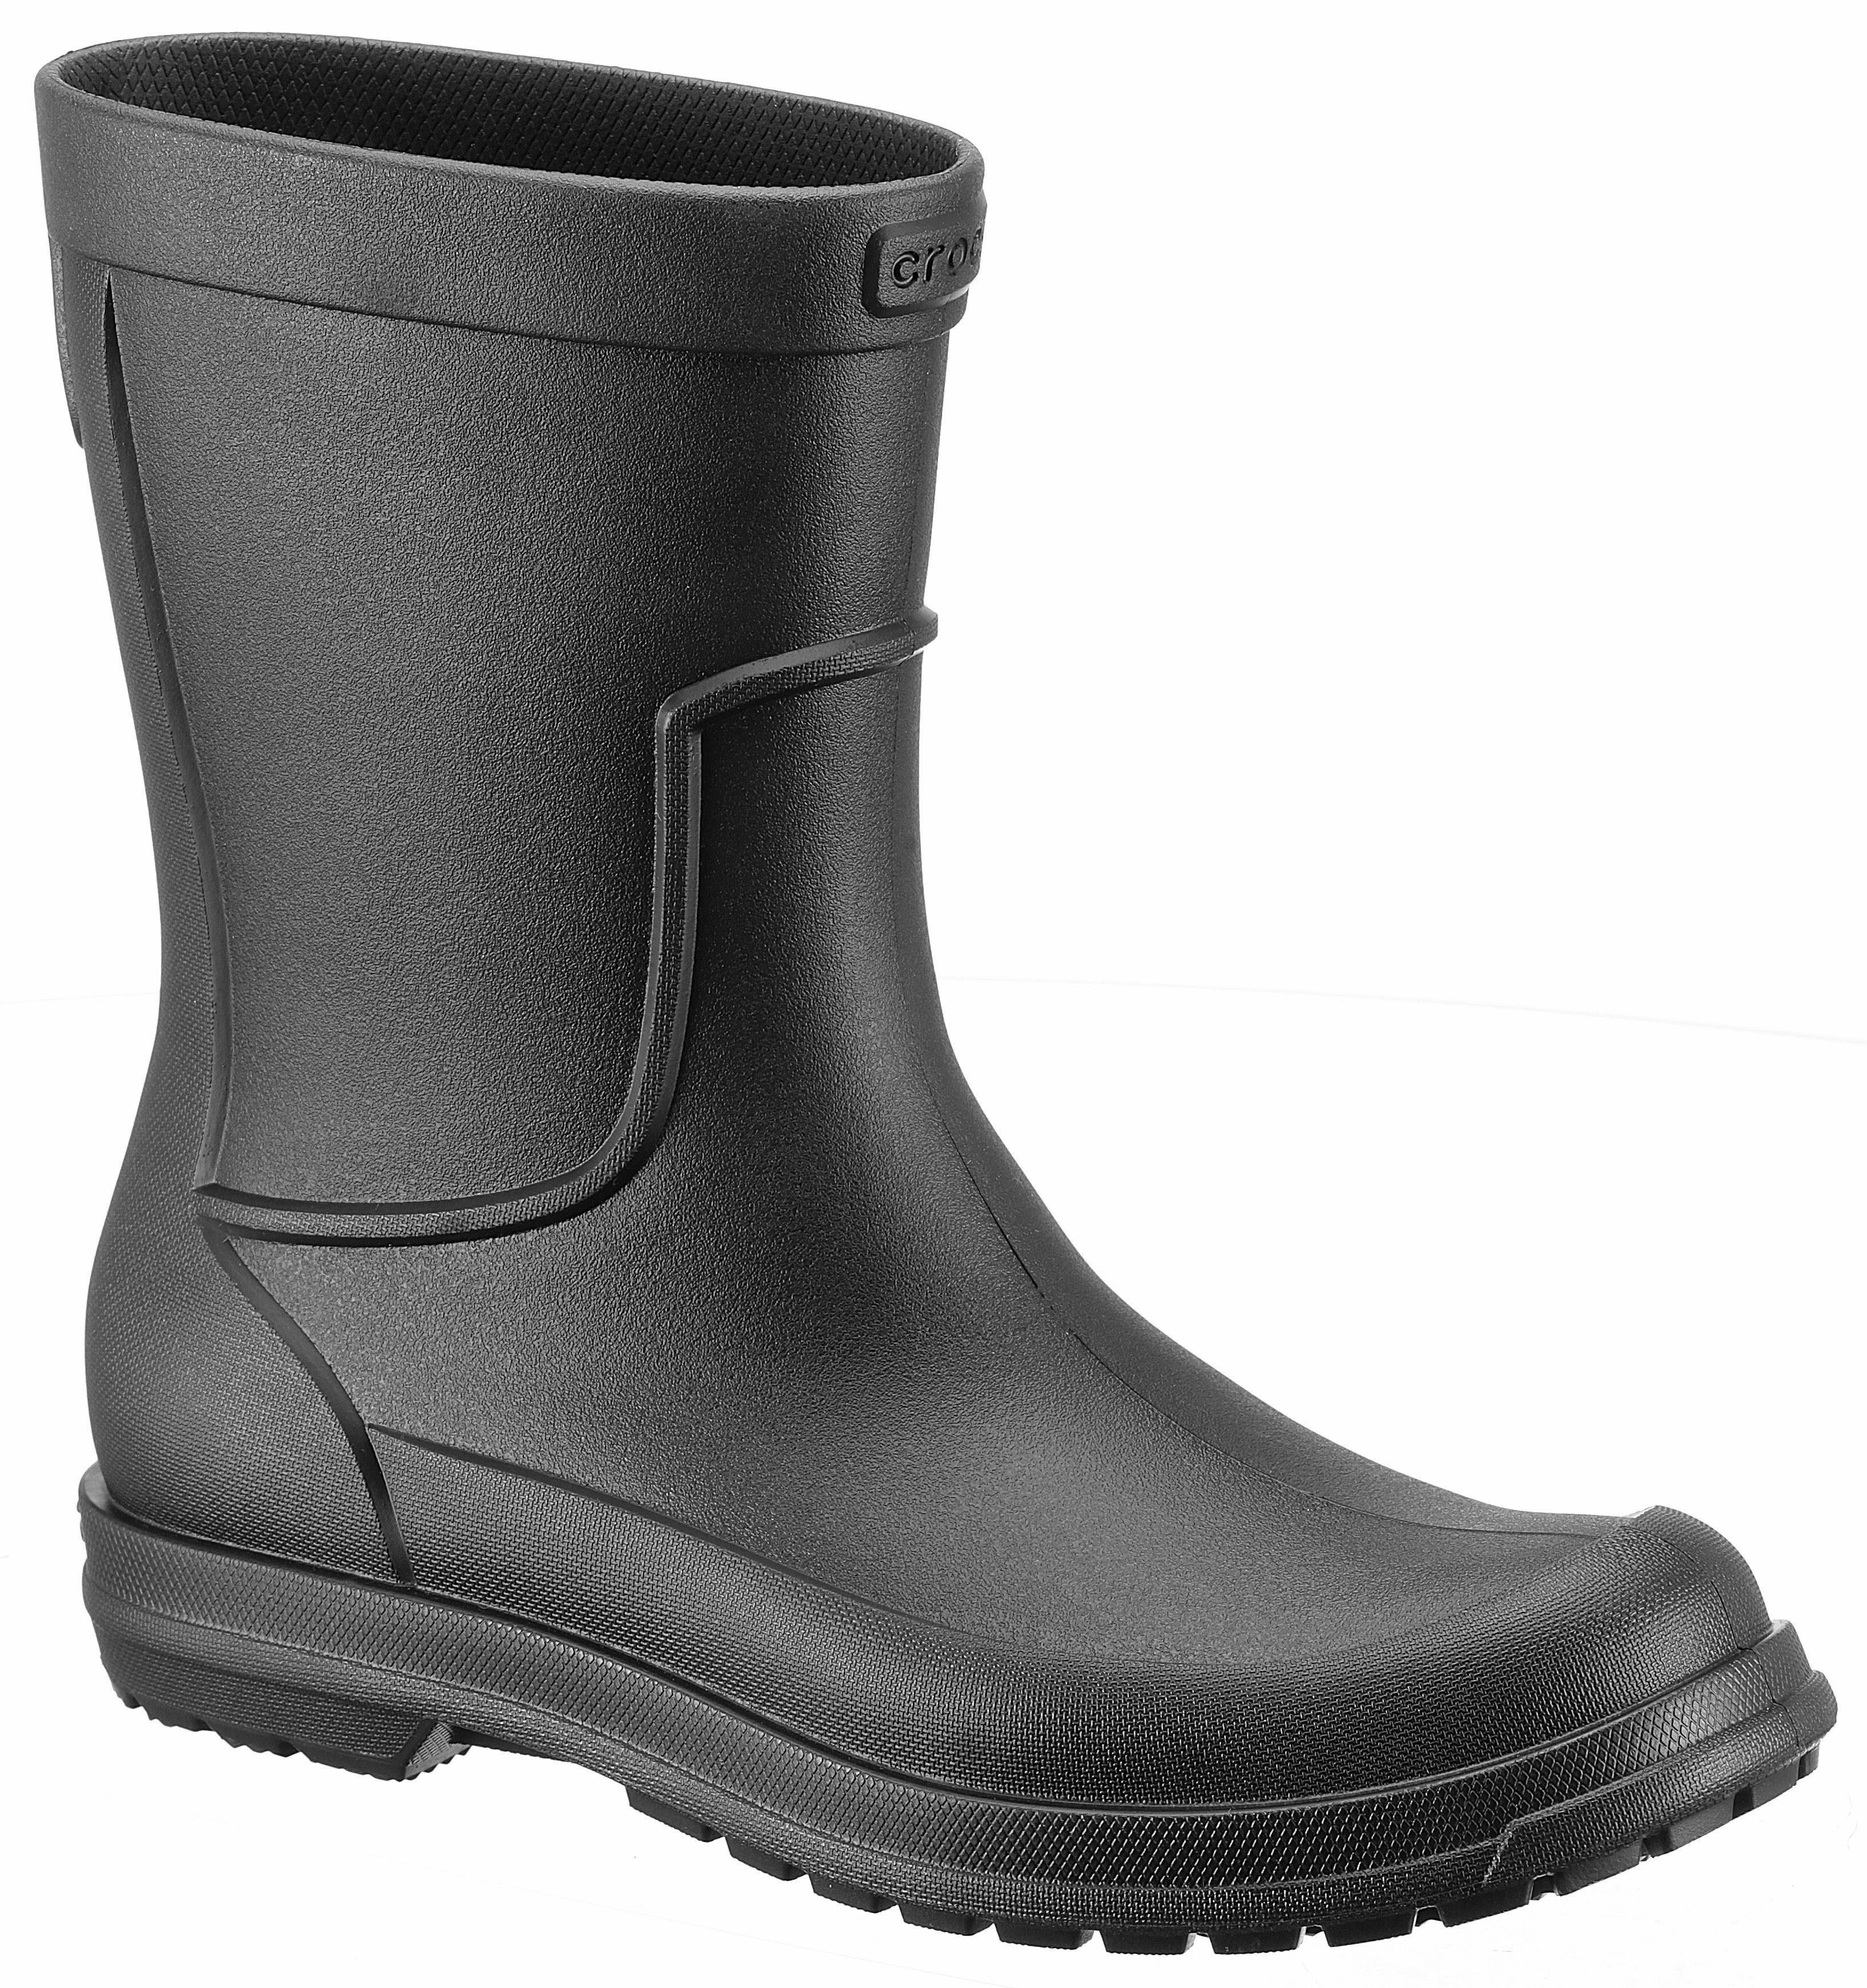 Crocs All Cast Rain Boot M Gummistiefel, mit Profillaufsohle online kaufen  schwarz